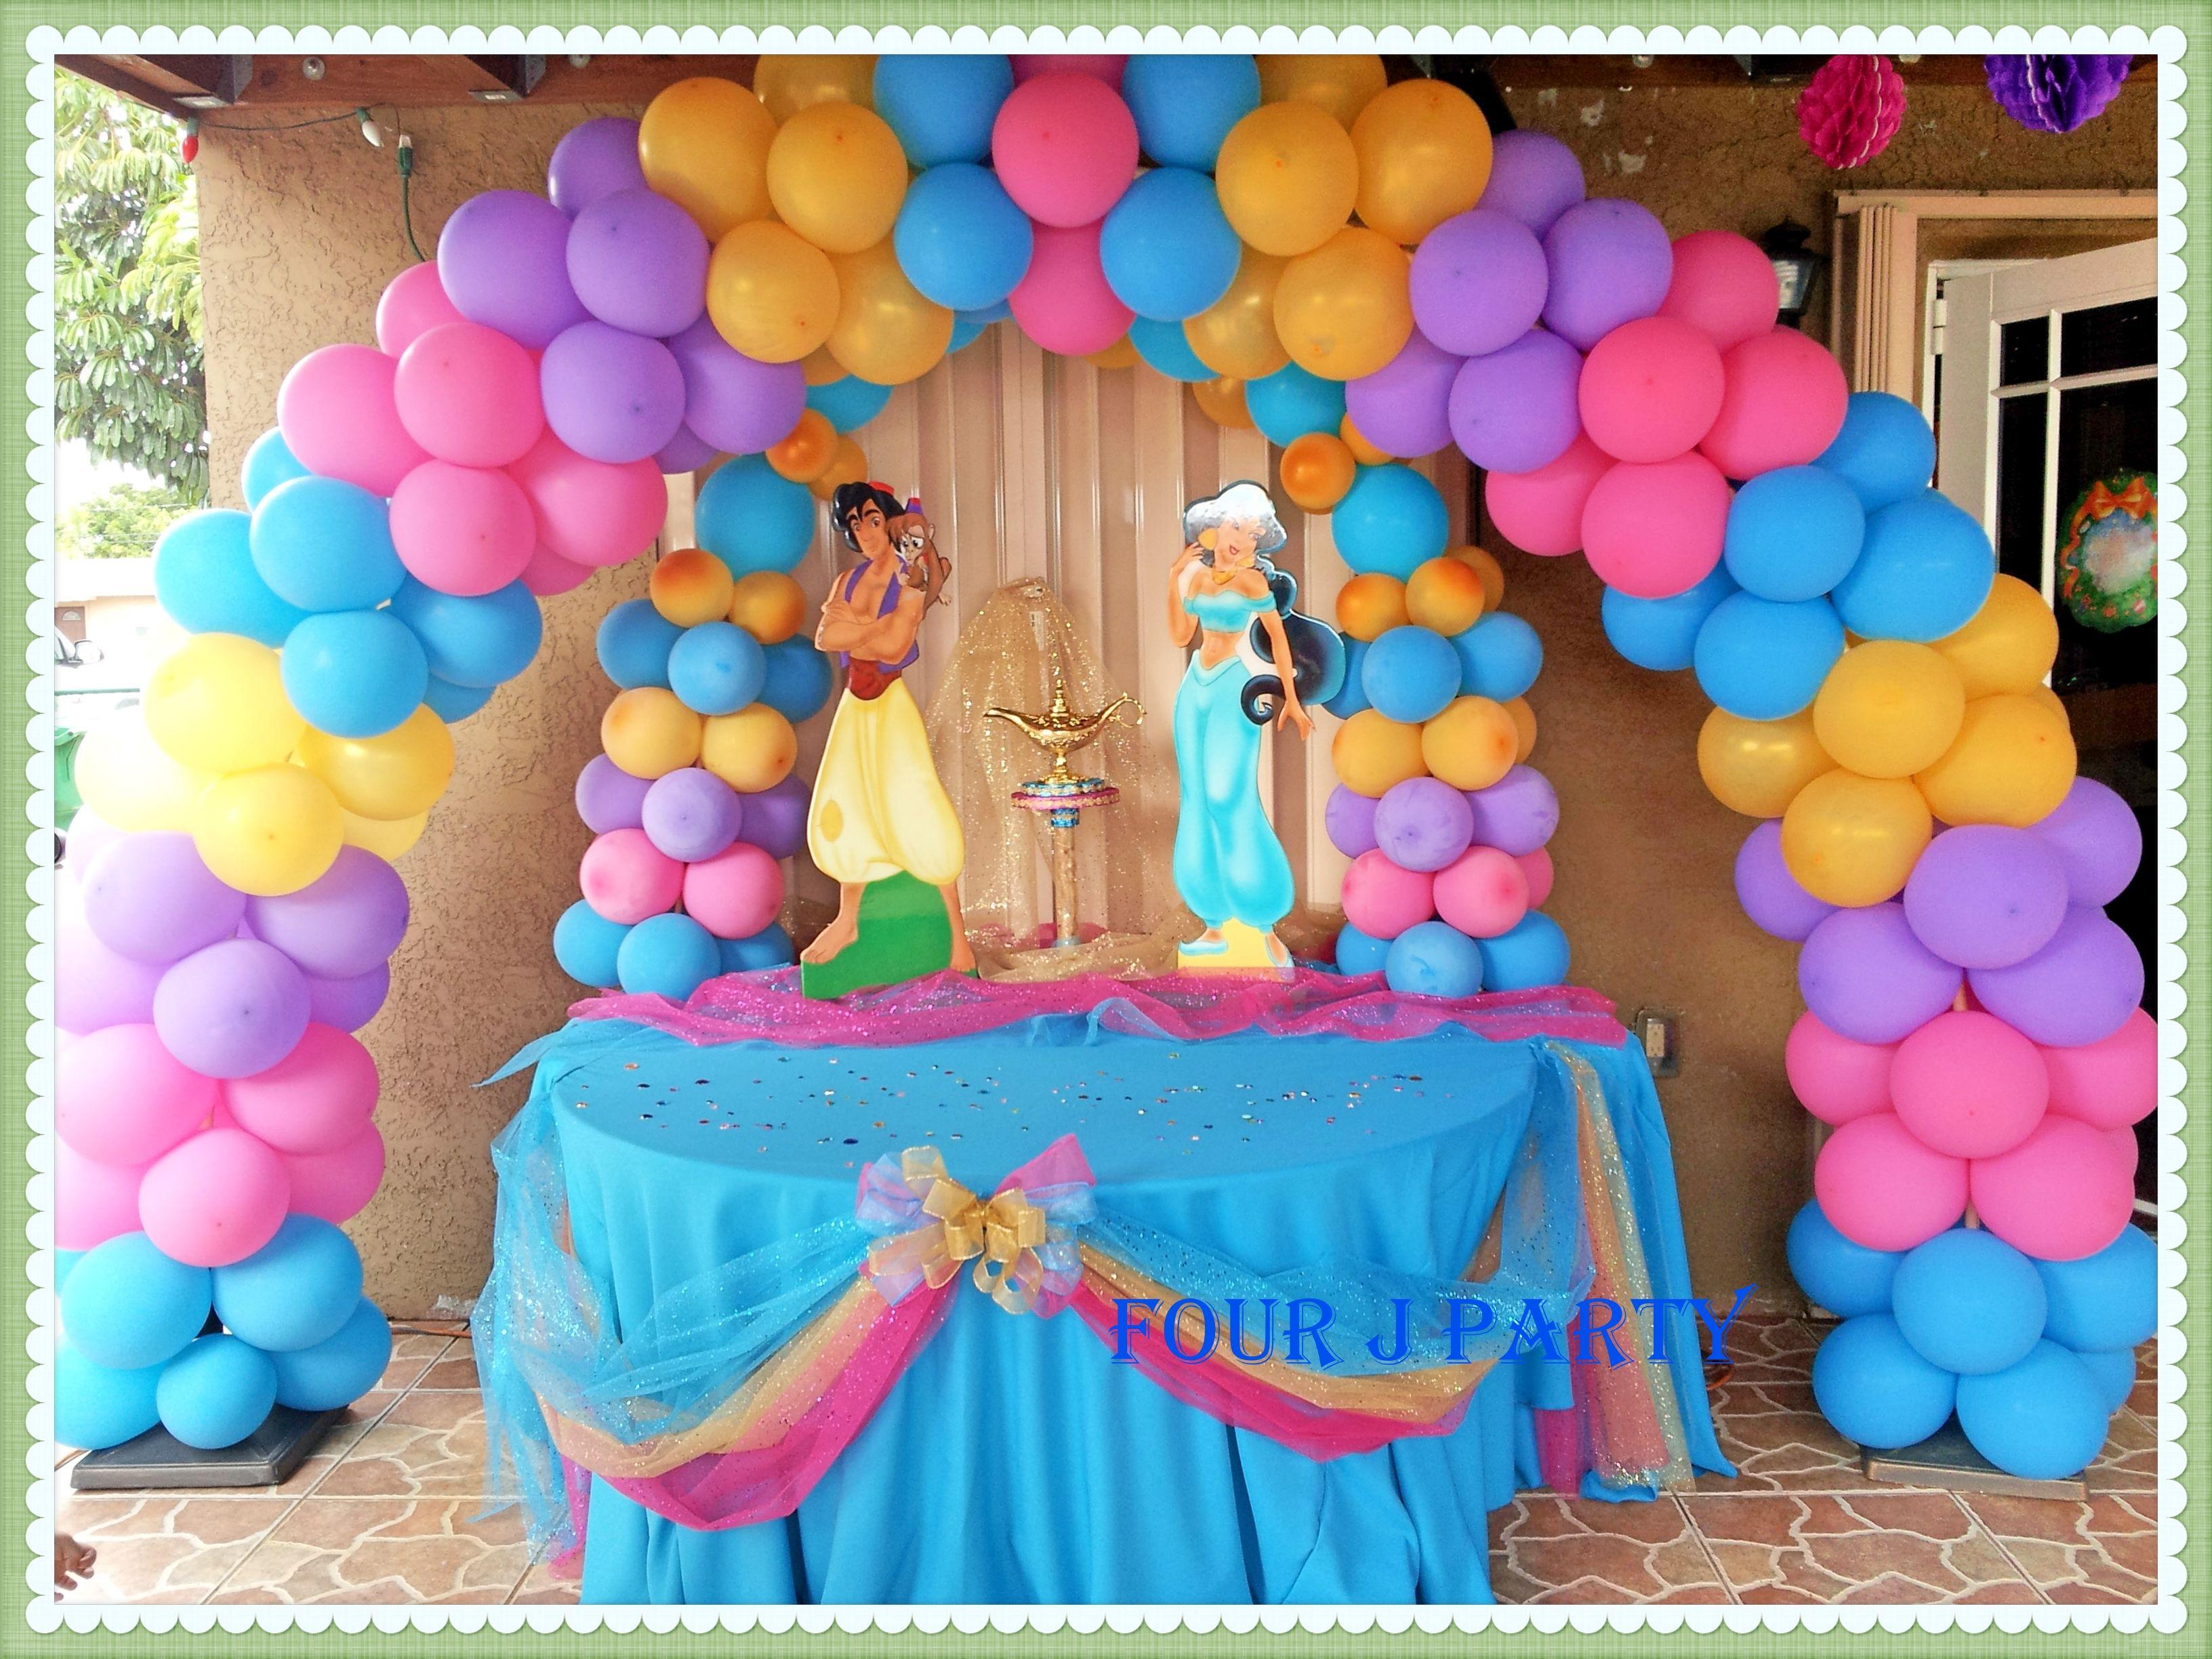 Balloon Decoration Of Jazmin Fourjparty  Fun